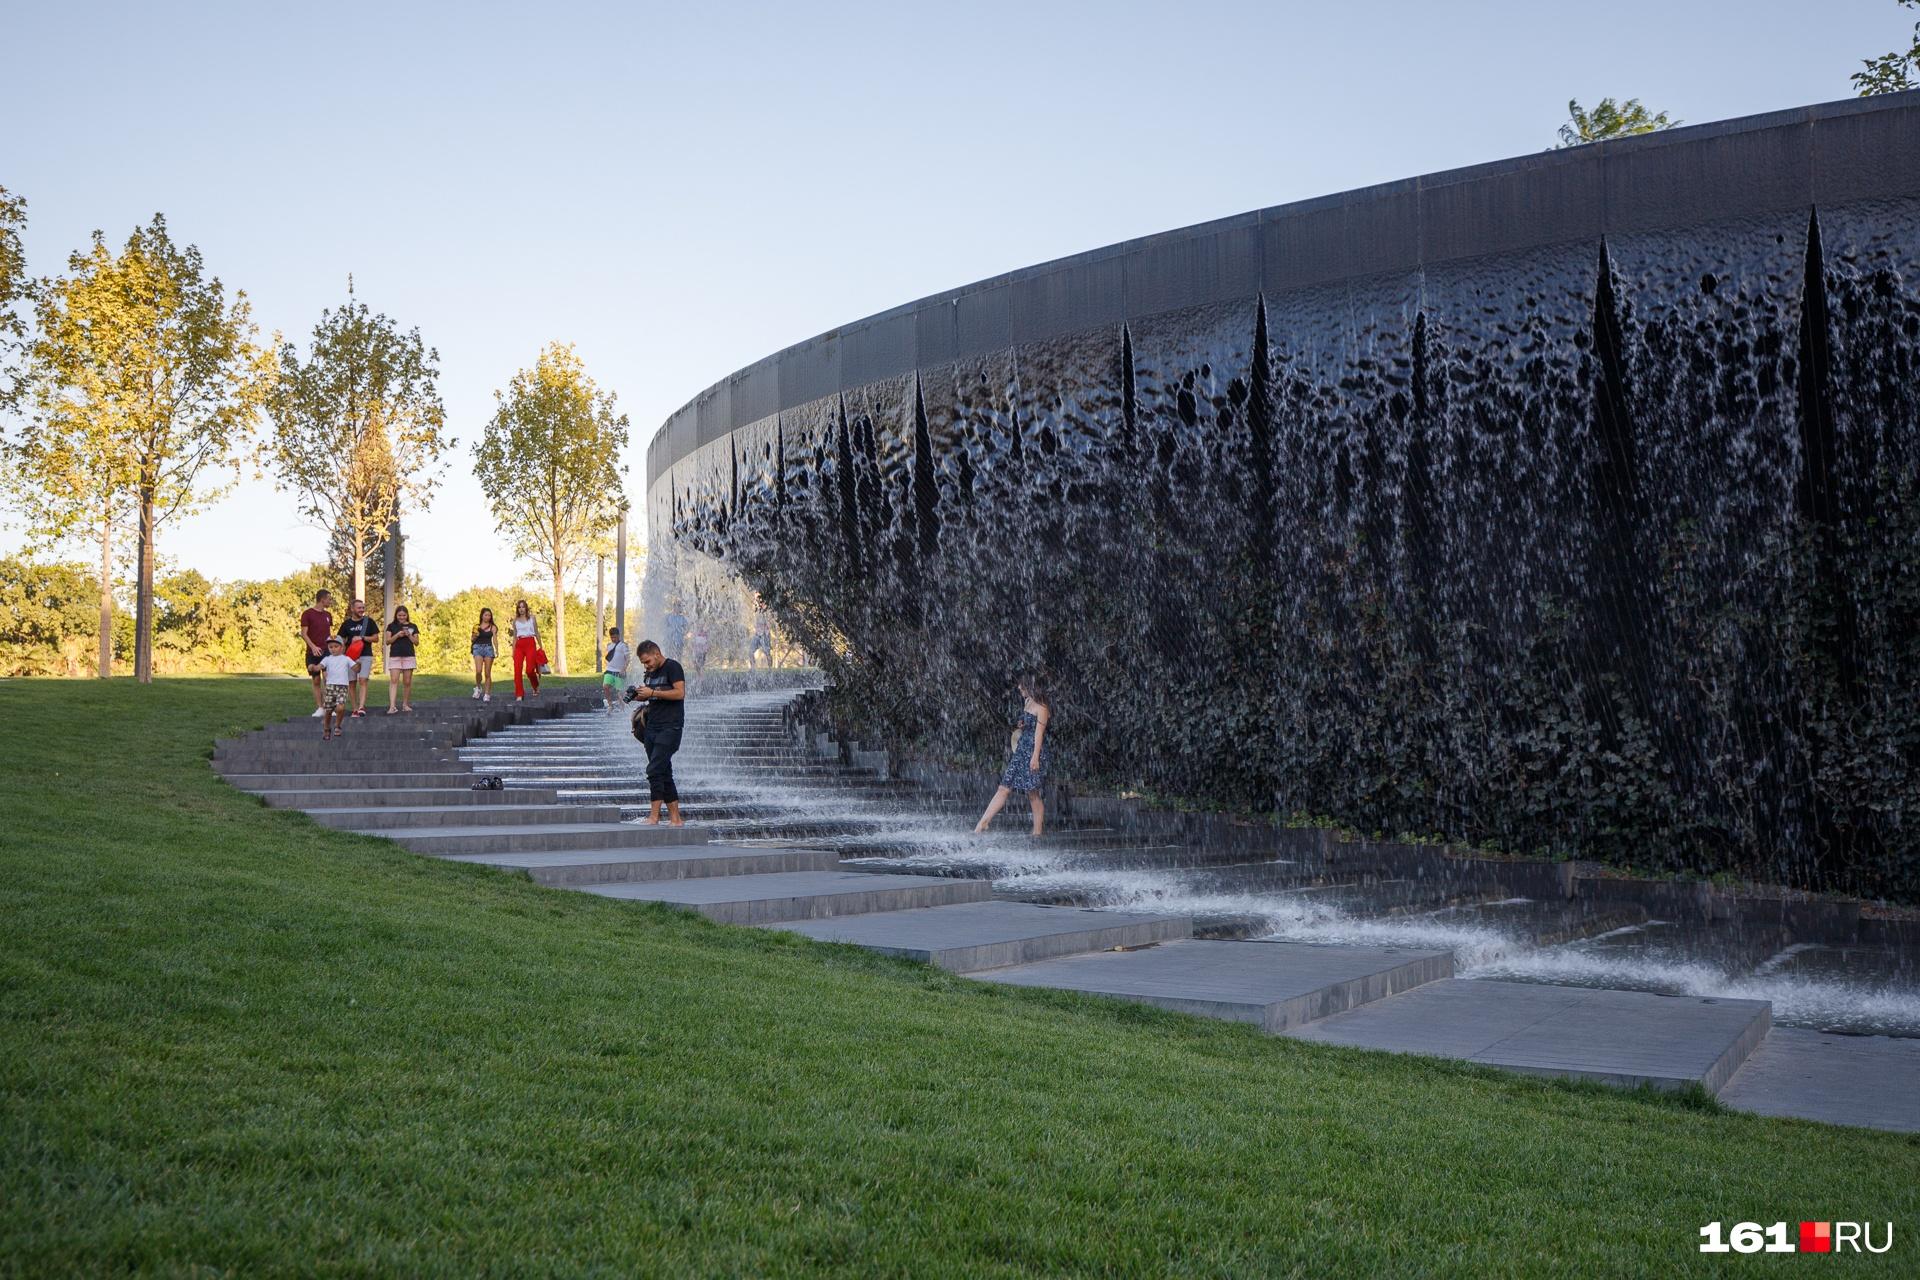 В этой конструкции есть разделительные барьеры, так что люди могут зайти за водную стену. Внутри есть лавочки, на которых можно отдохнуть и послушать звук падающей воды